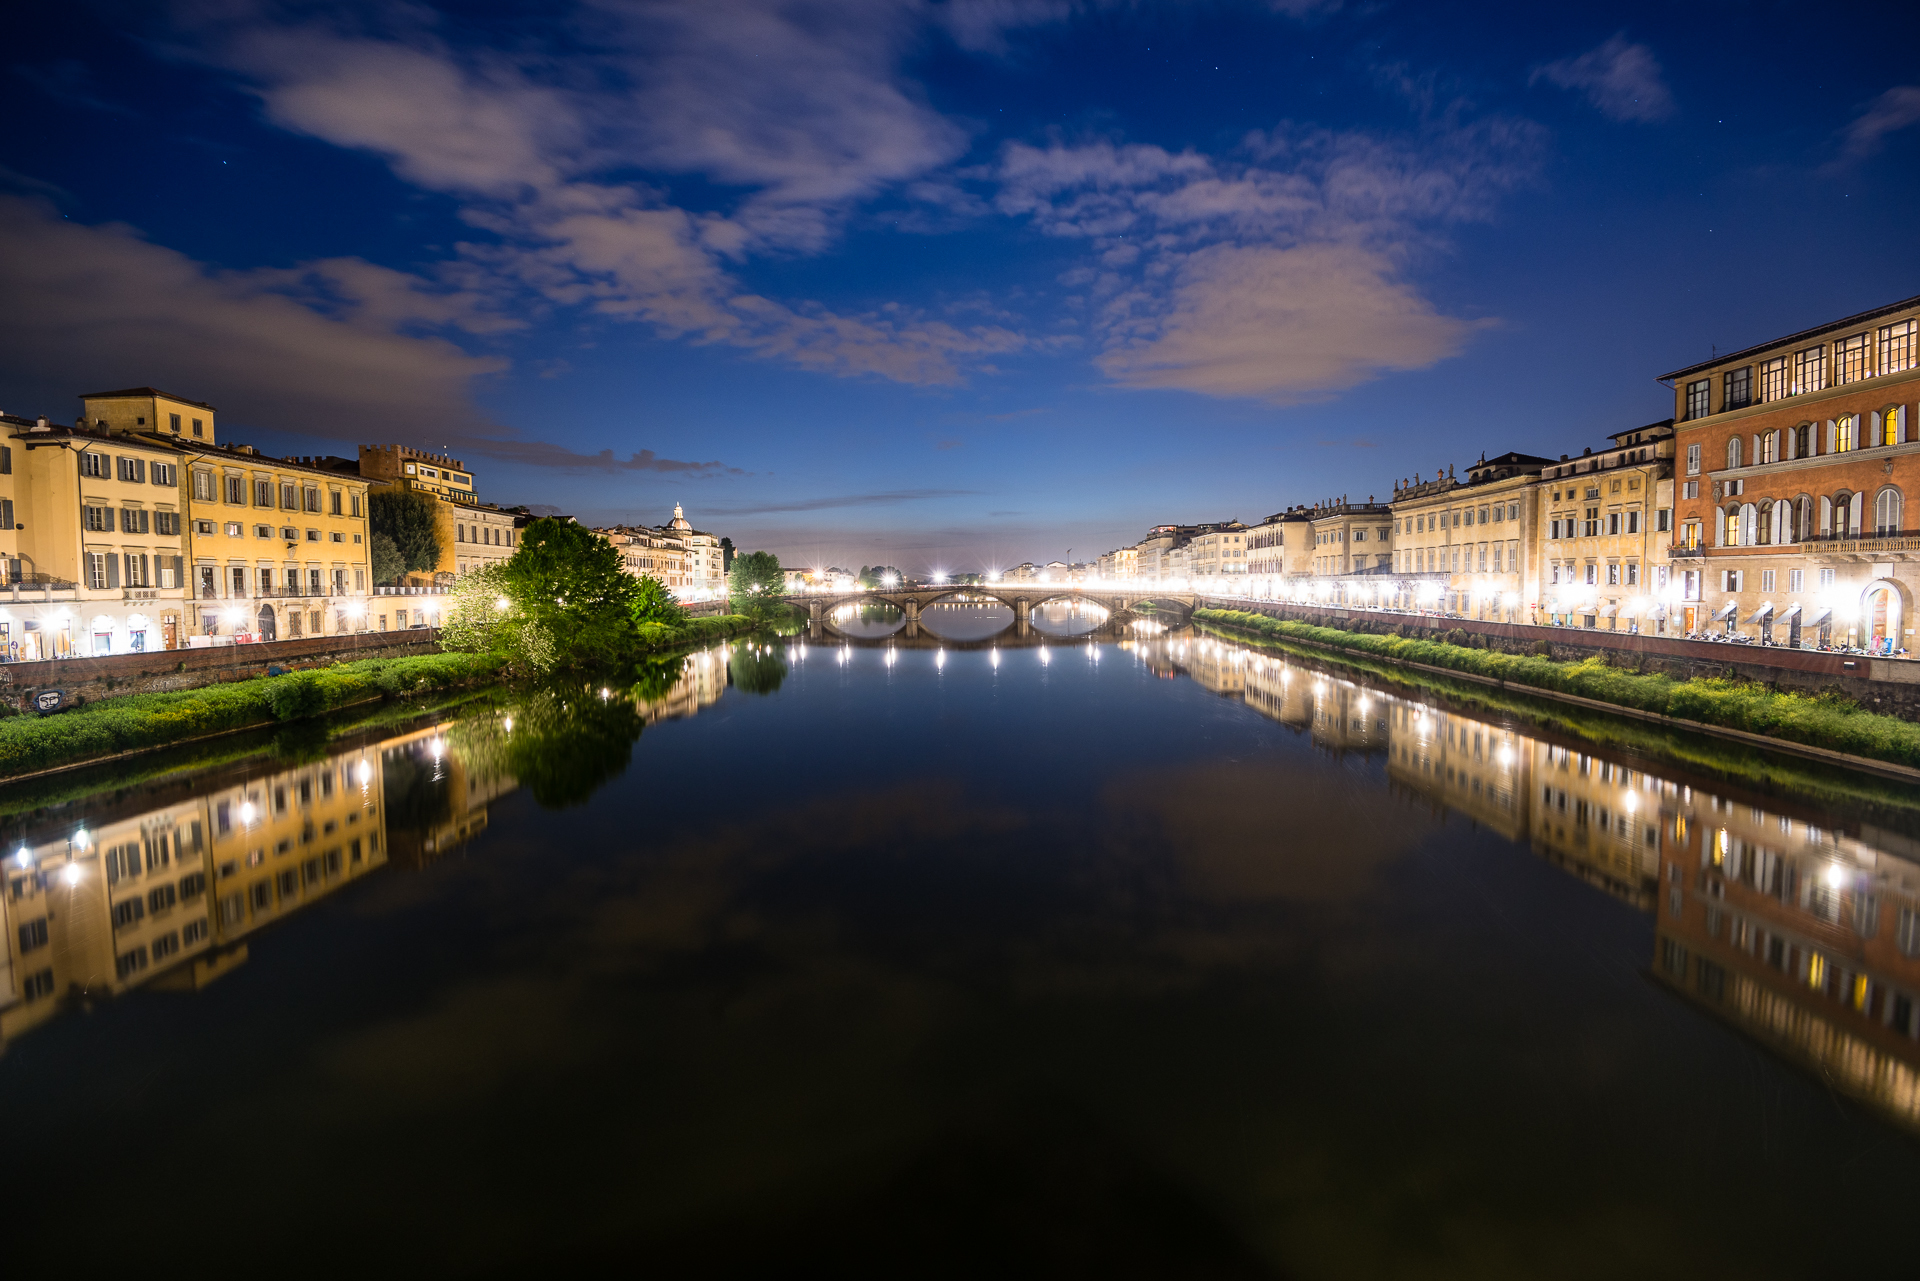 Италия страны архитектура город река без смс